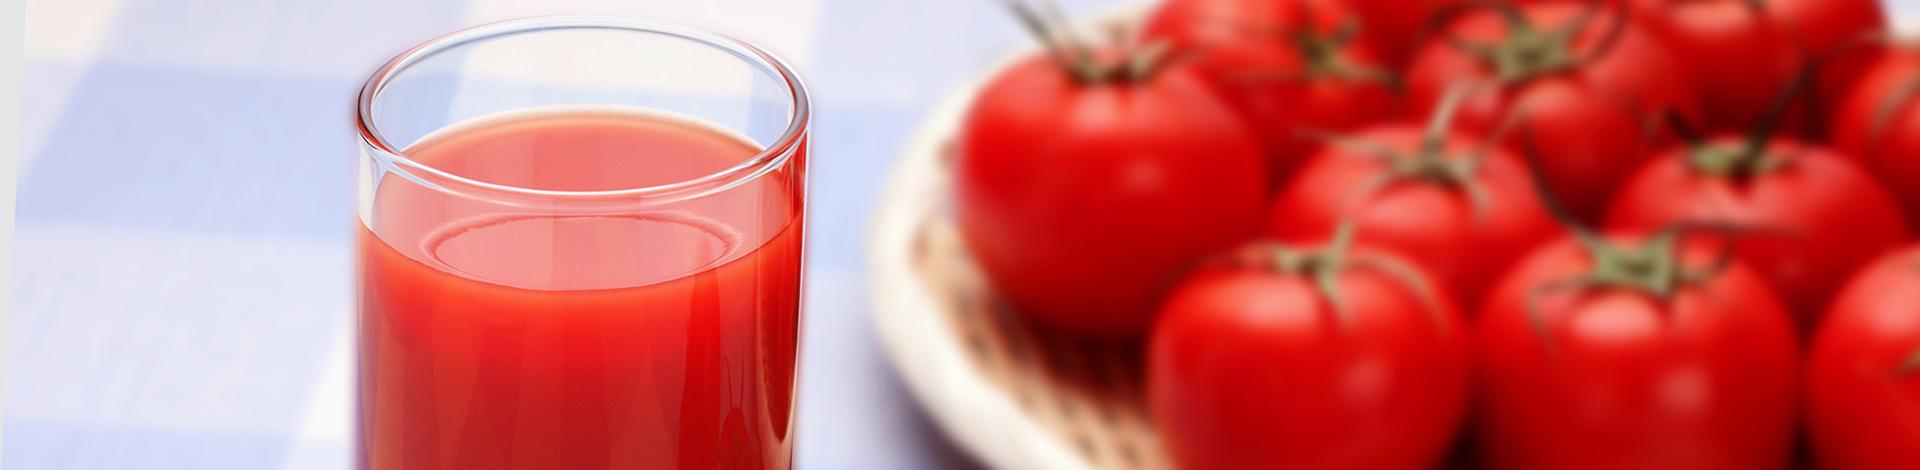 川越農場のトマトジュース 糖度9度以上 旨味とのバランスを重視して仕上げました。 川越農場のこだわりの栽培方法で麗夏のおいしさを100%引き出しました